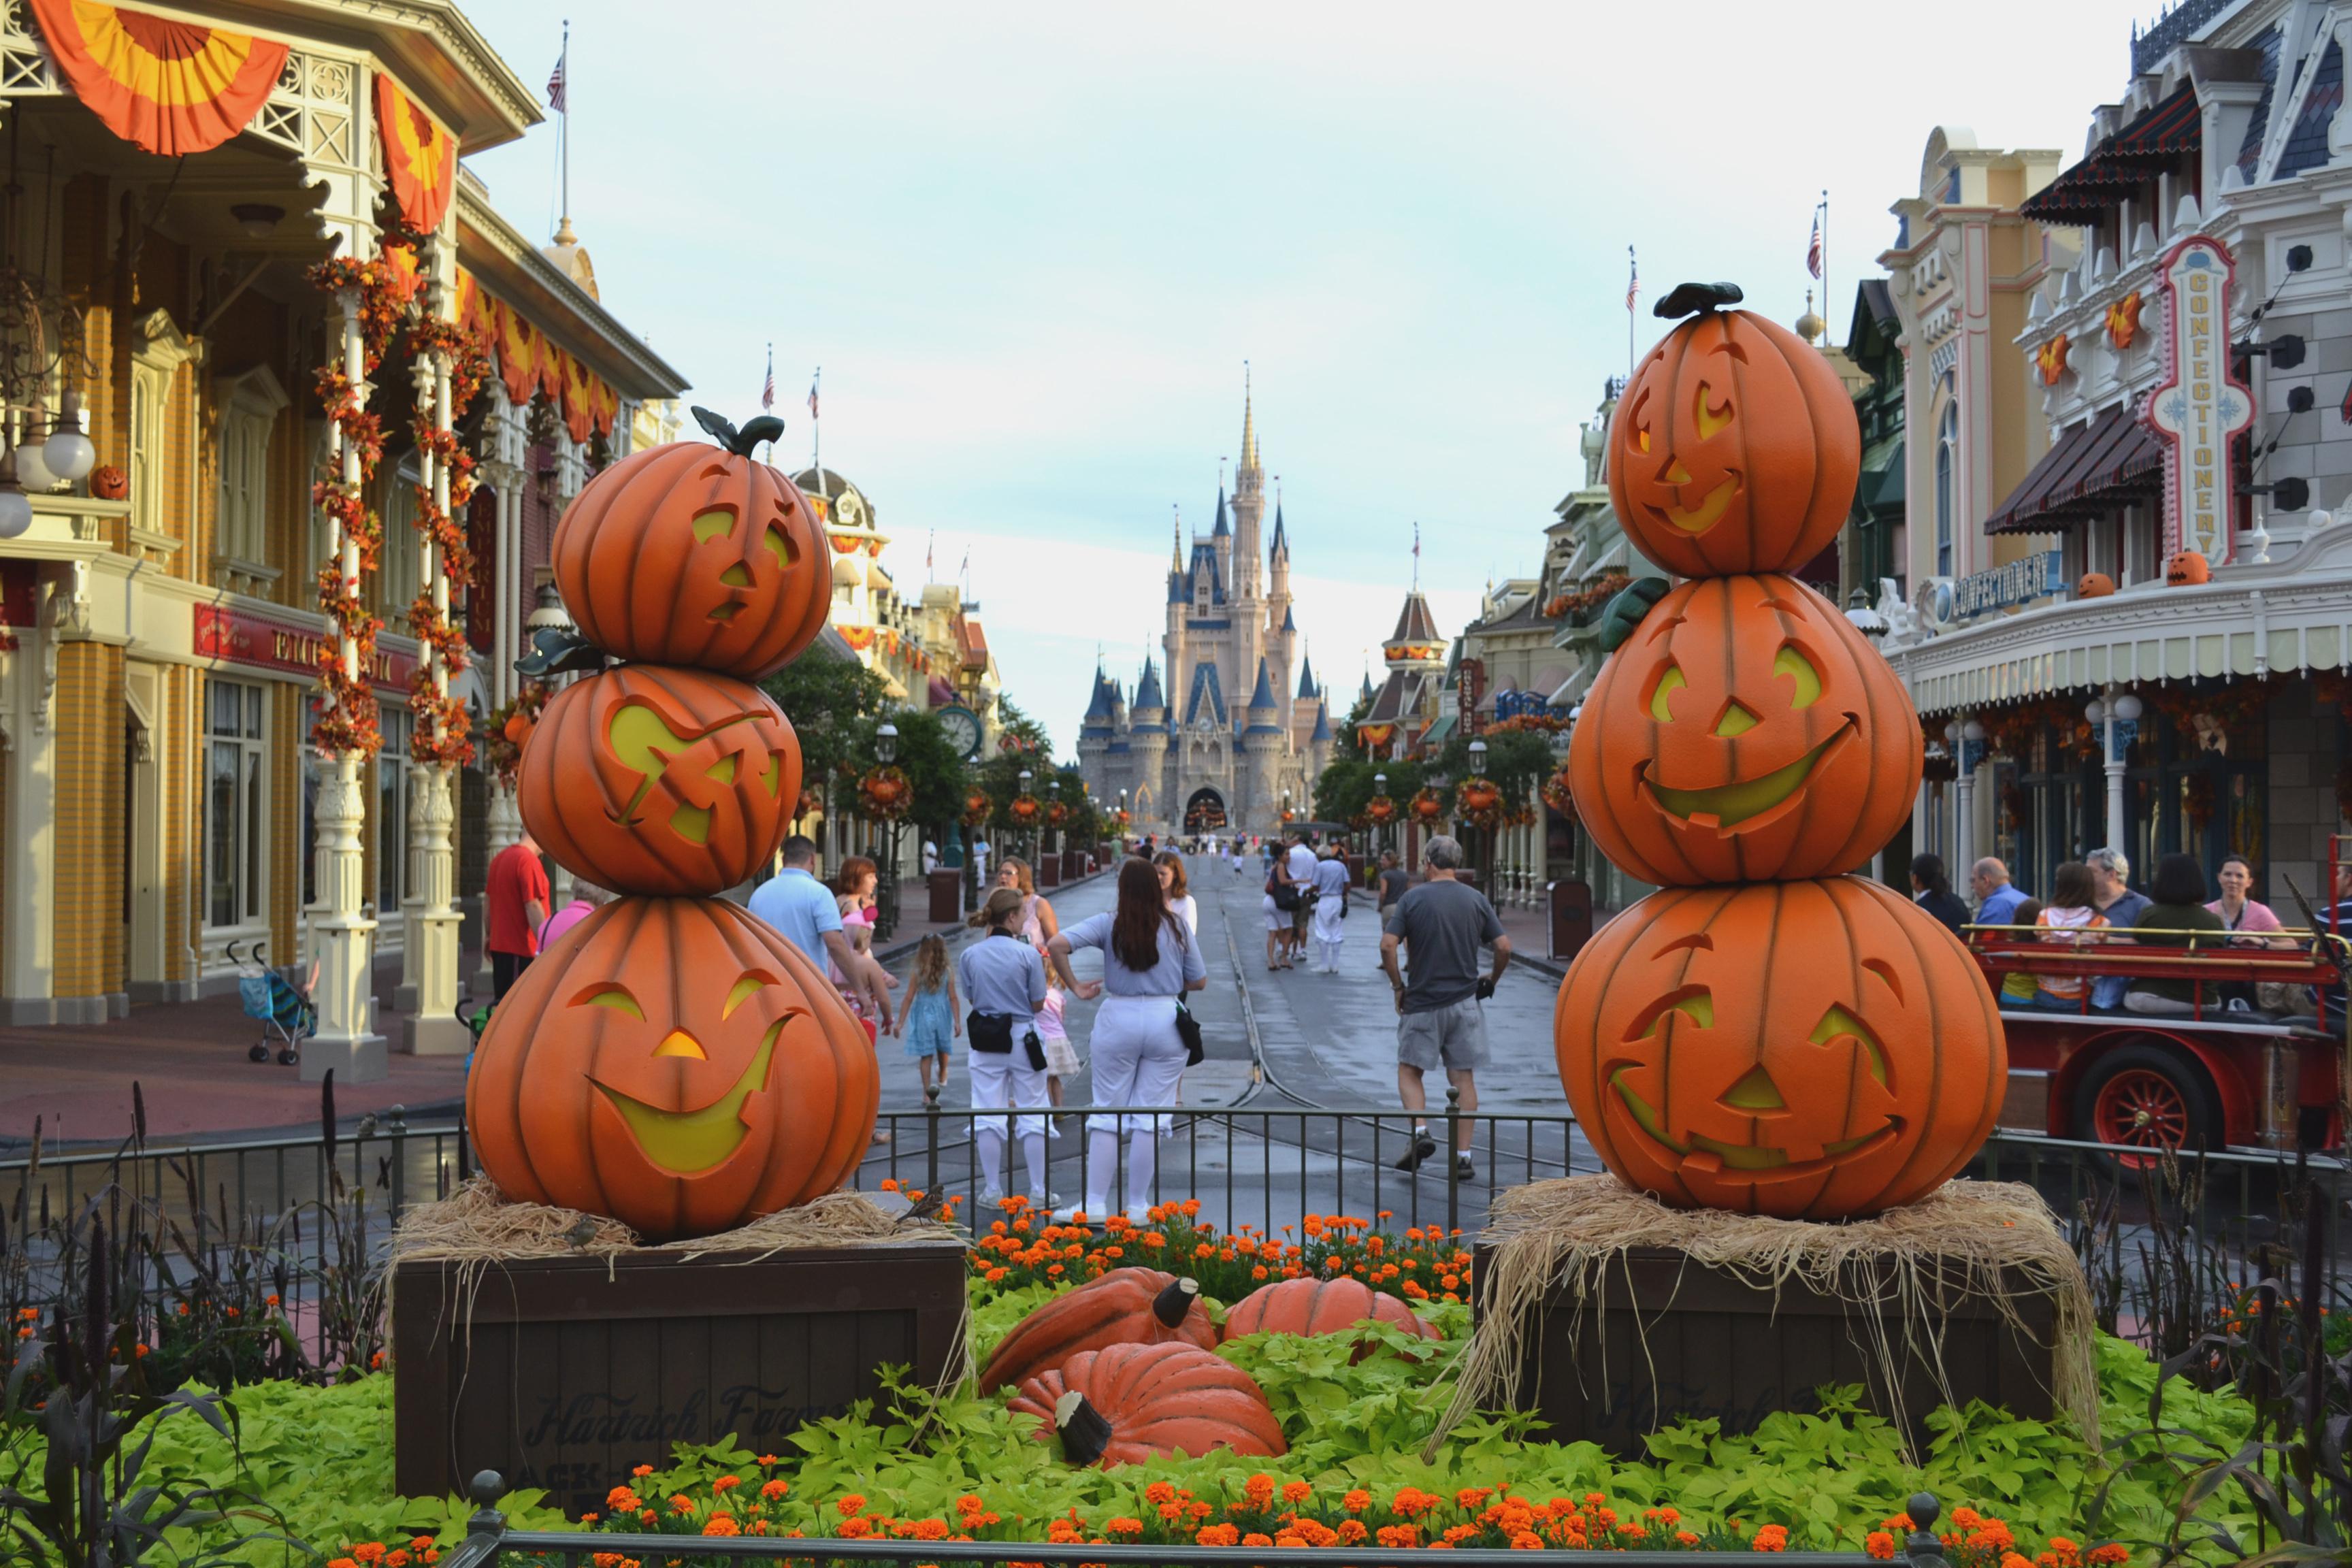 Calles decoradas por halloween - 3456x2304